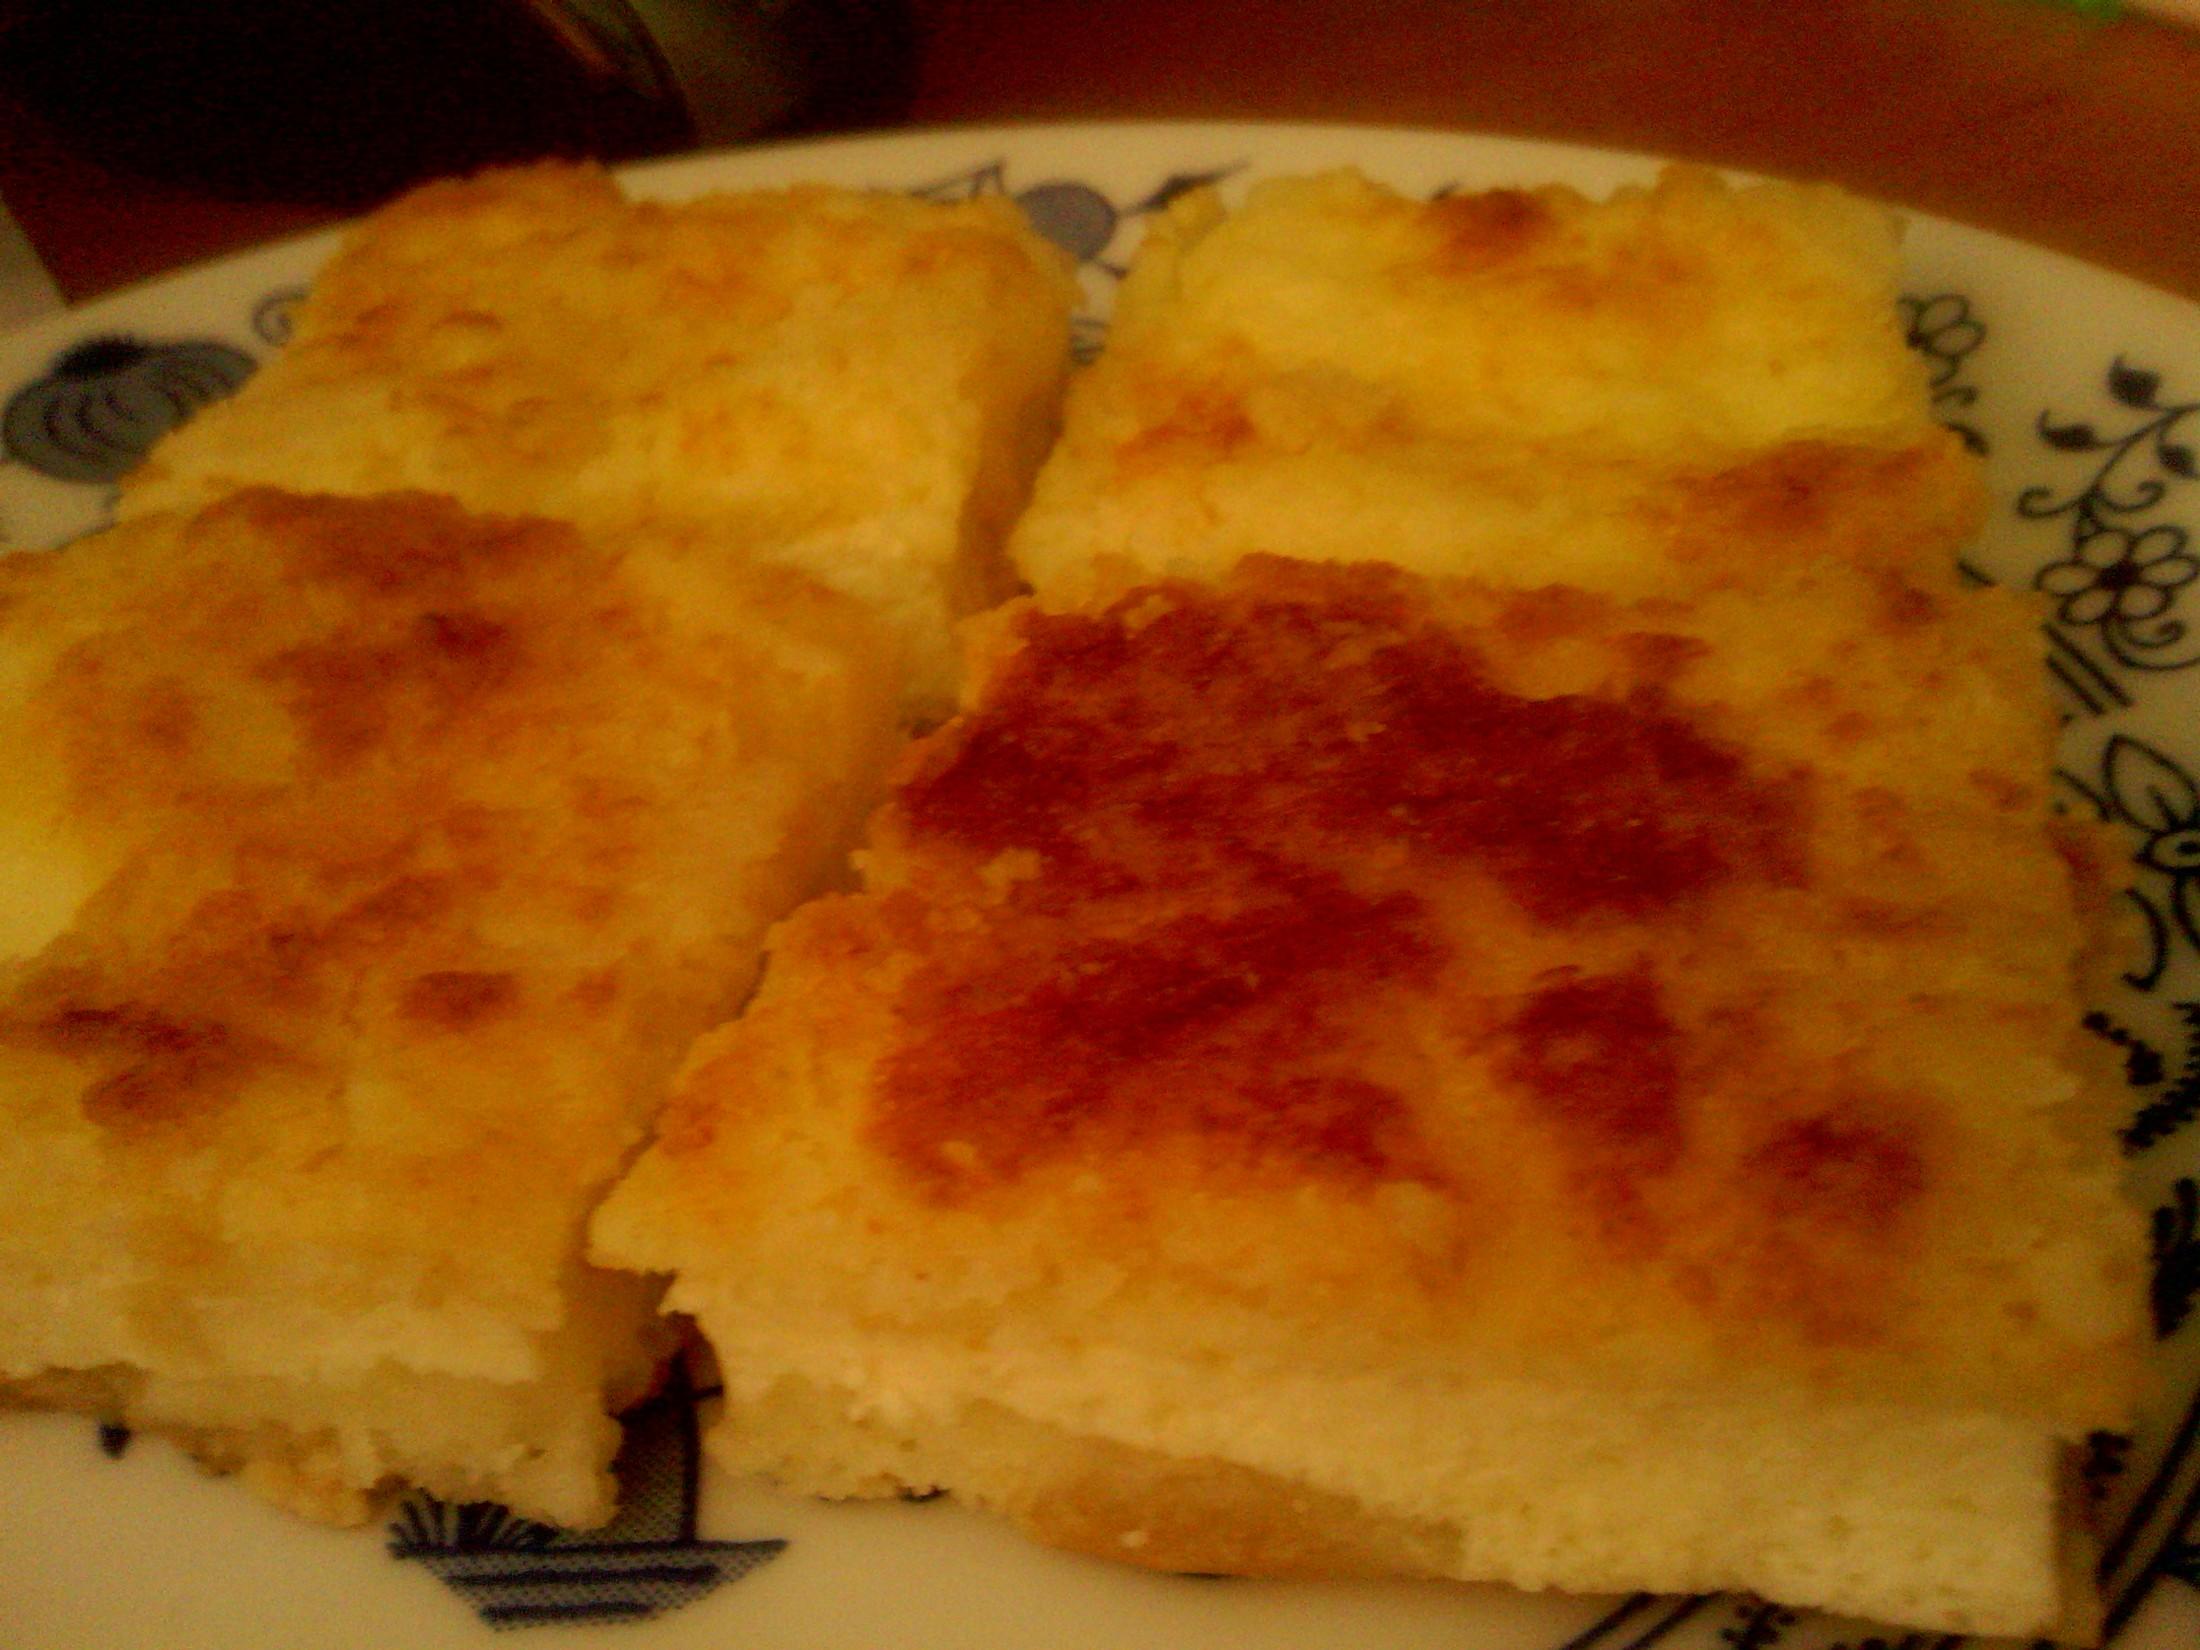 Recept Hrnkový sypaný tvarohový koláč - konečný výsledek je fantastický, dobrota!